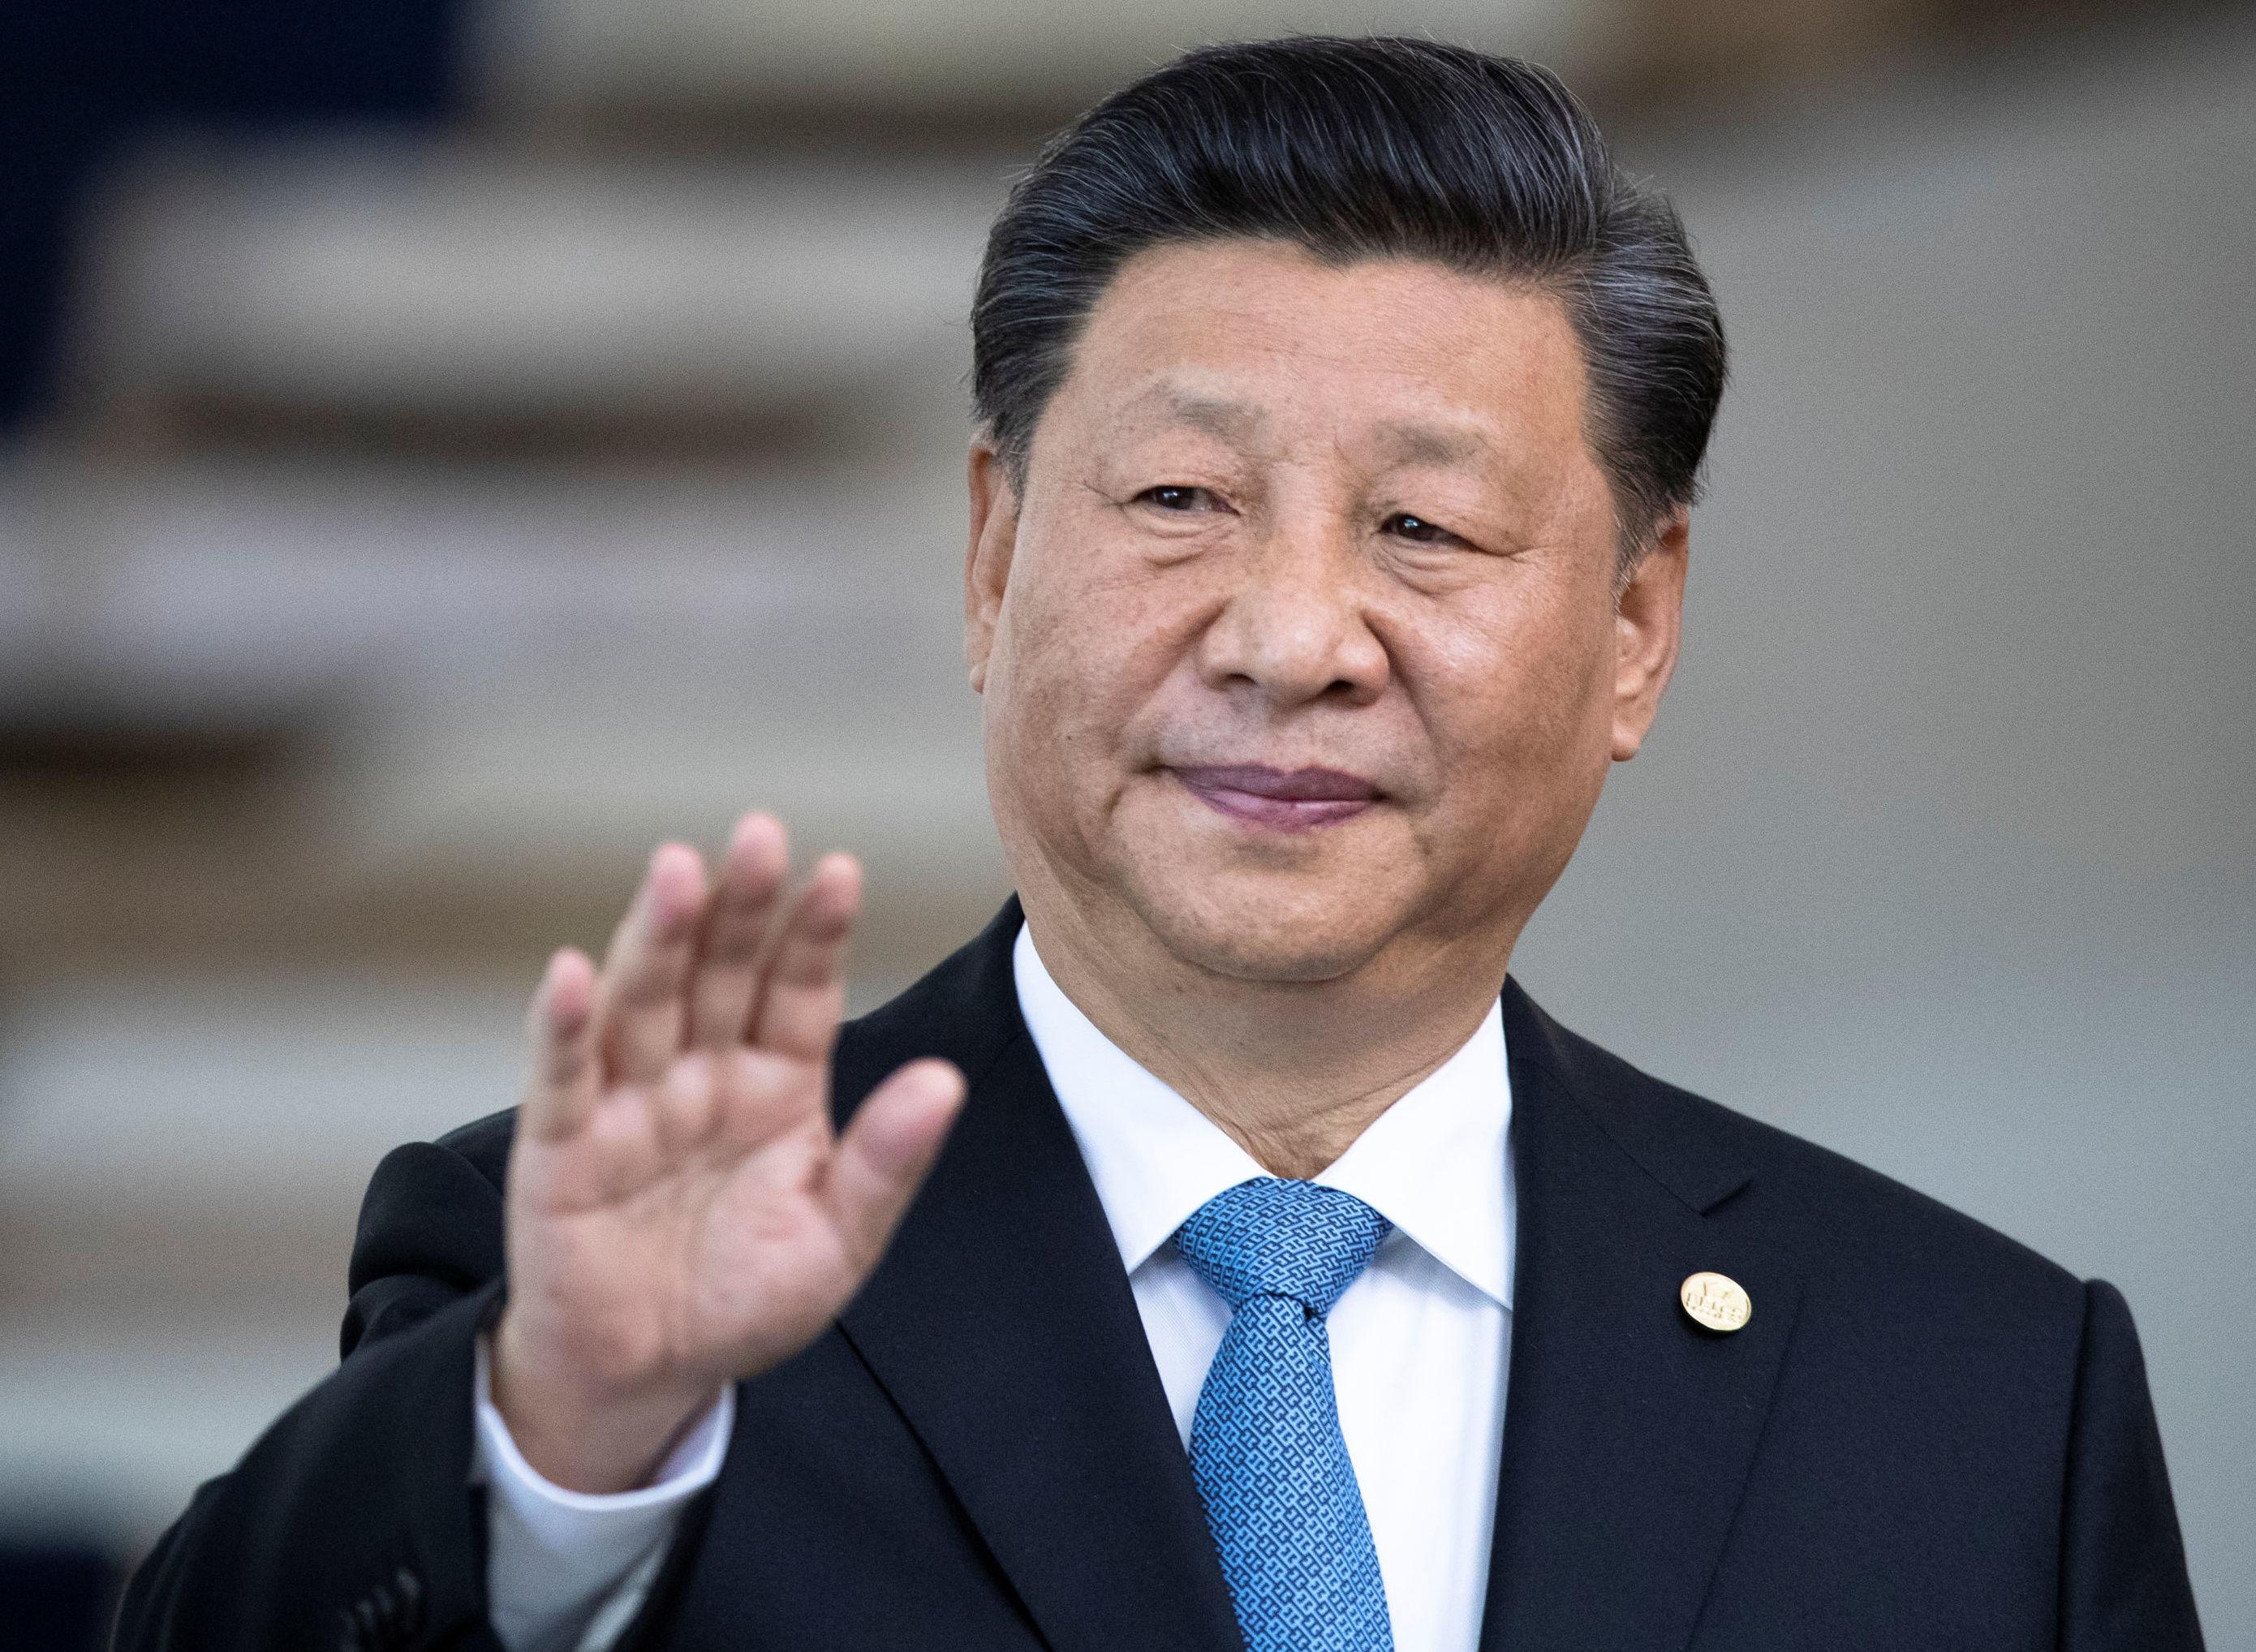 Presidente da China, Xi Jinping, durante 11ª Cúpula de Chefes de Estado do BRICS, em Brasília, em 14 de novembro de 2019